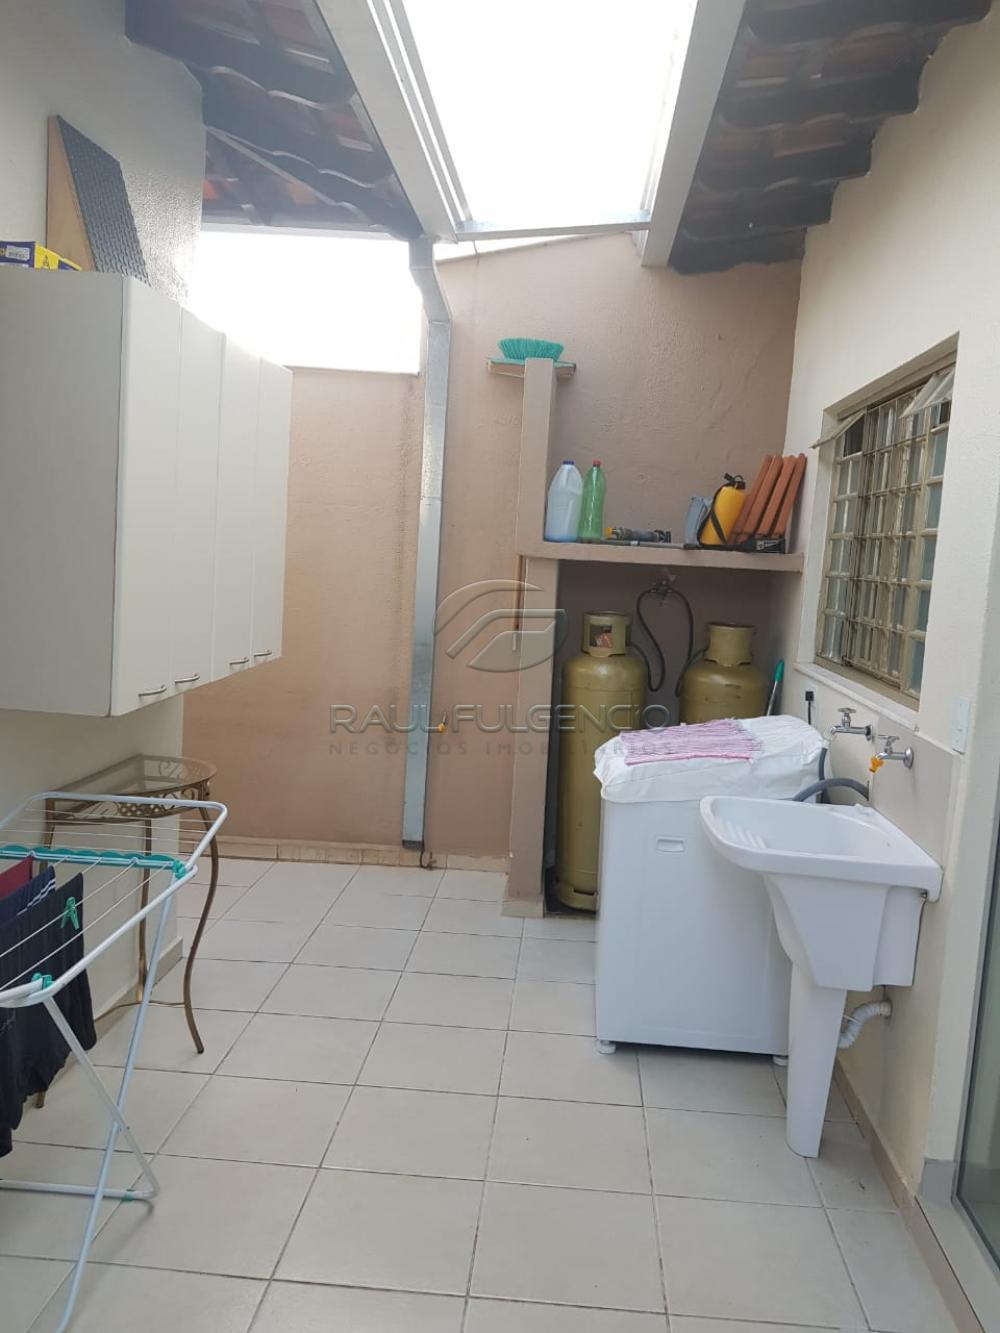 Comprar Casa / Térrea em Londrina apenas R$ 595.000,00 - Foto 19